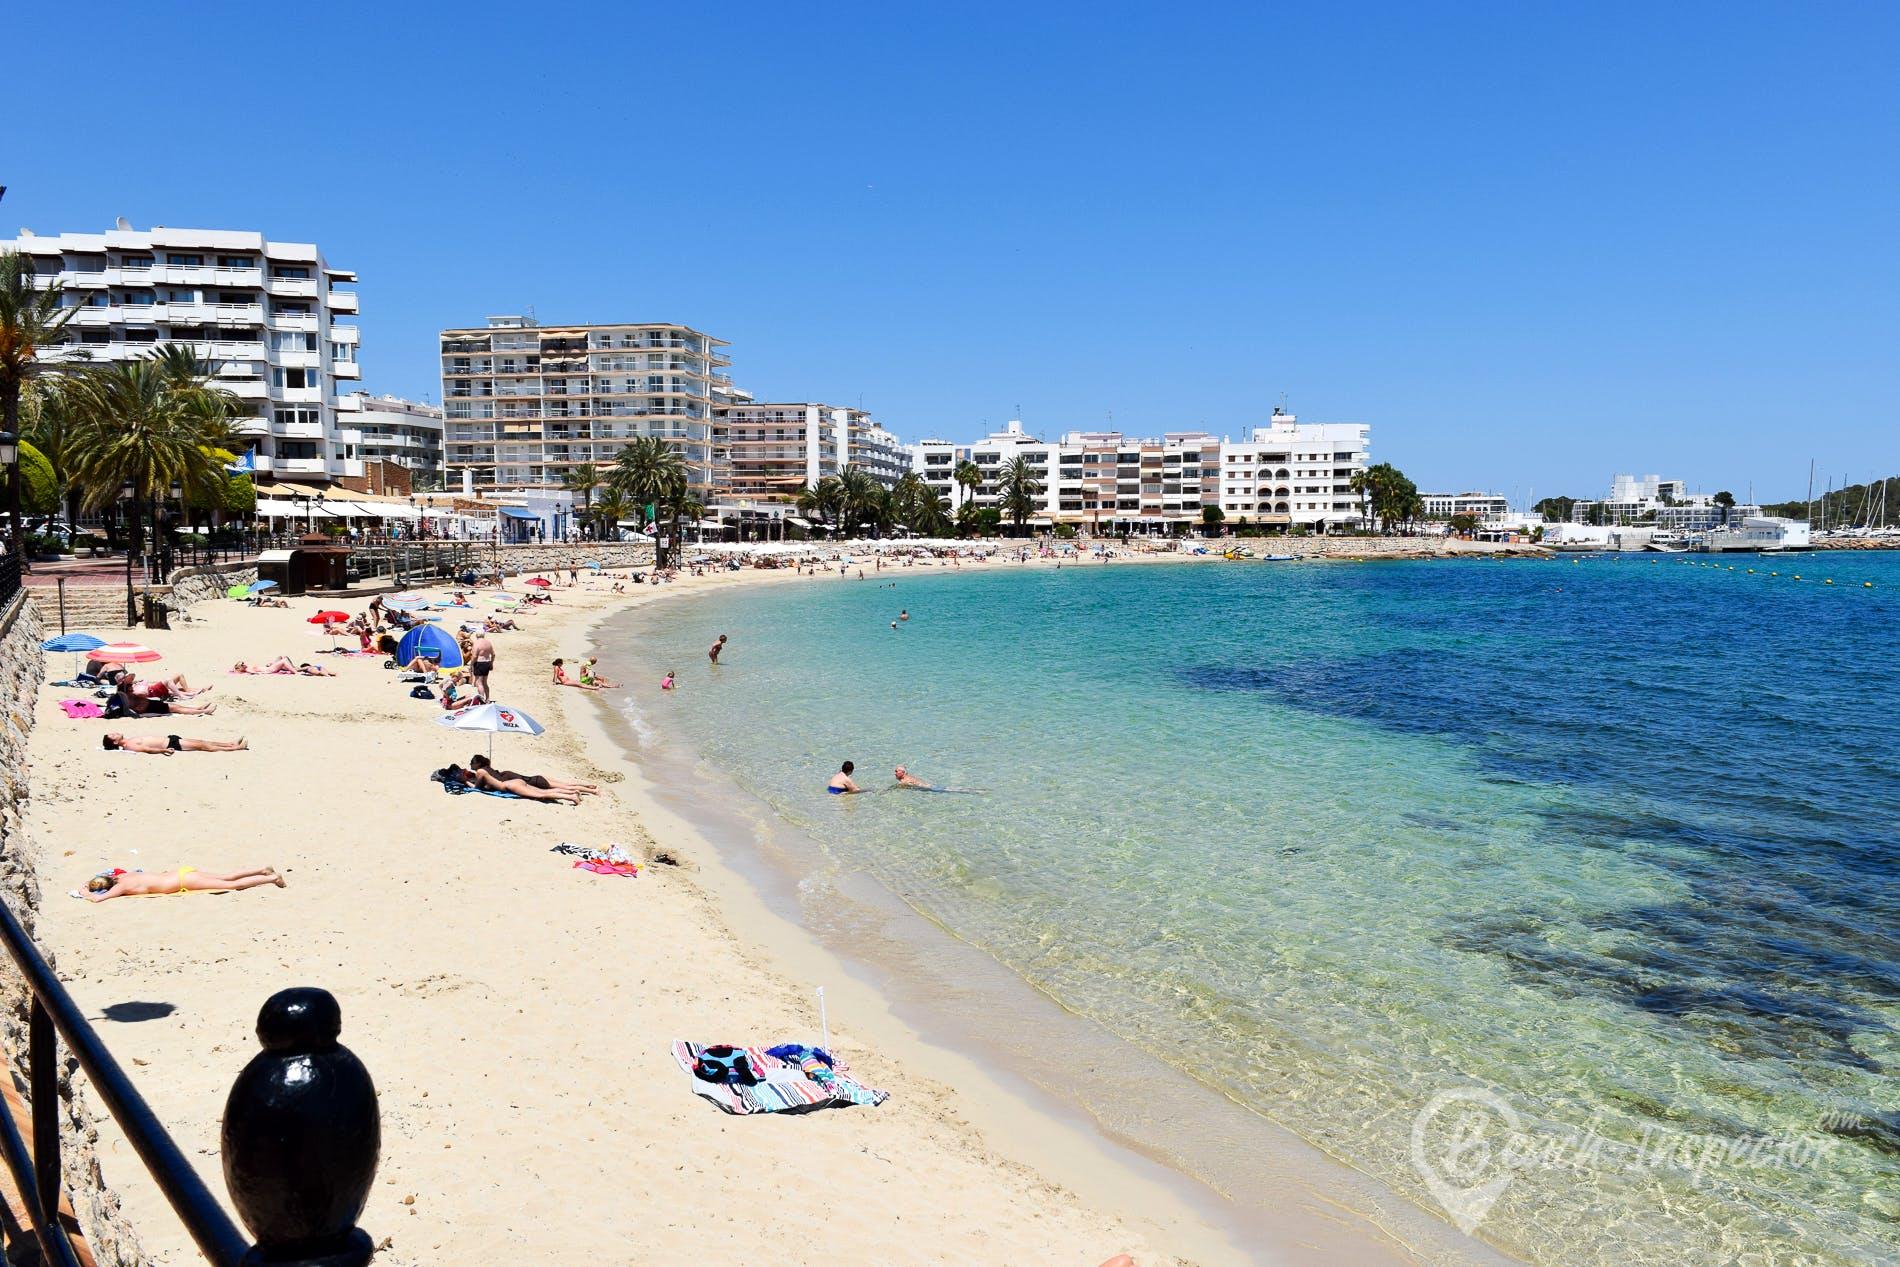 Beach Playa de Santa Eulalia, Ibiza, Spain